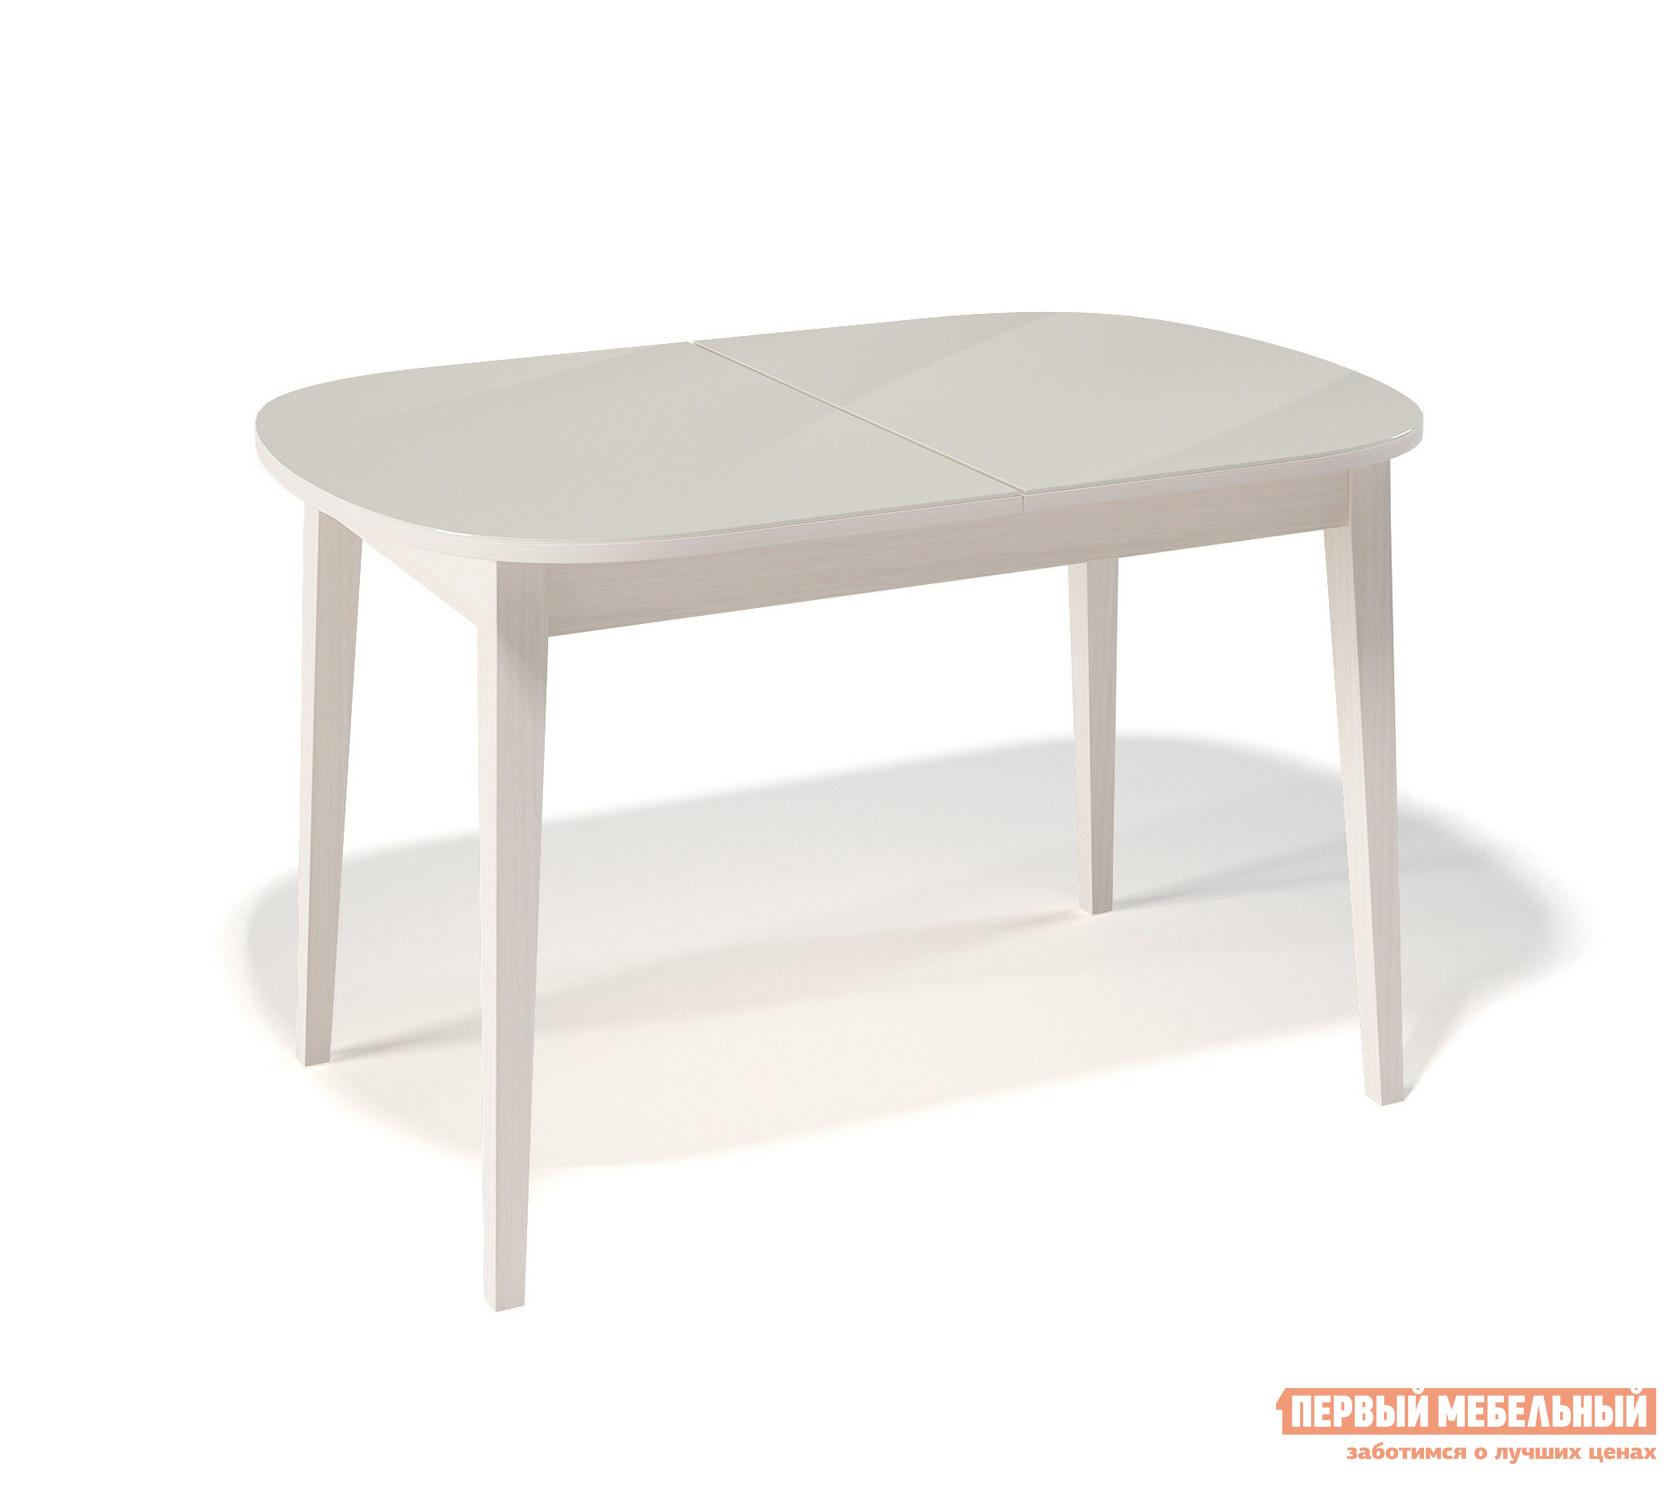 Кухонный стол глянцевый ДИК KENNER 1300М круглый кухонный стол глянцевый дик kenner 1000с